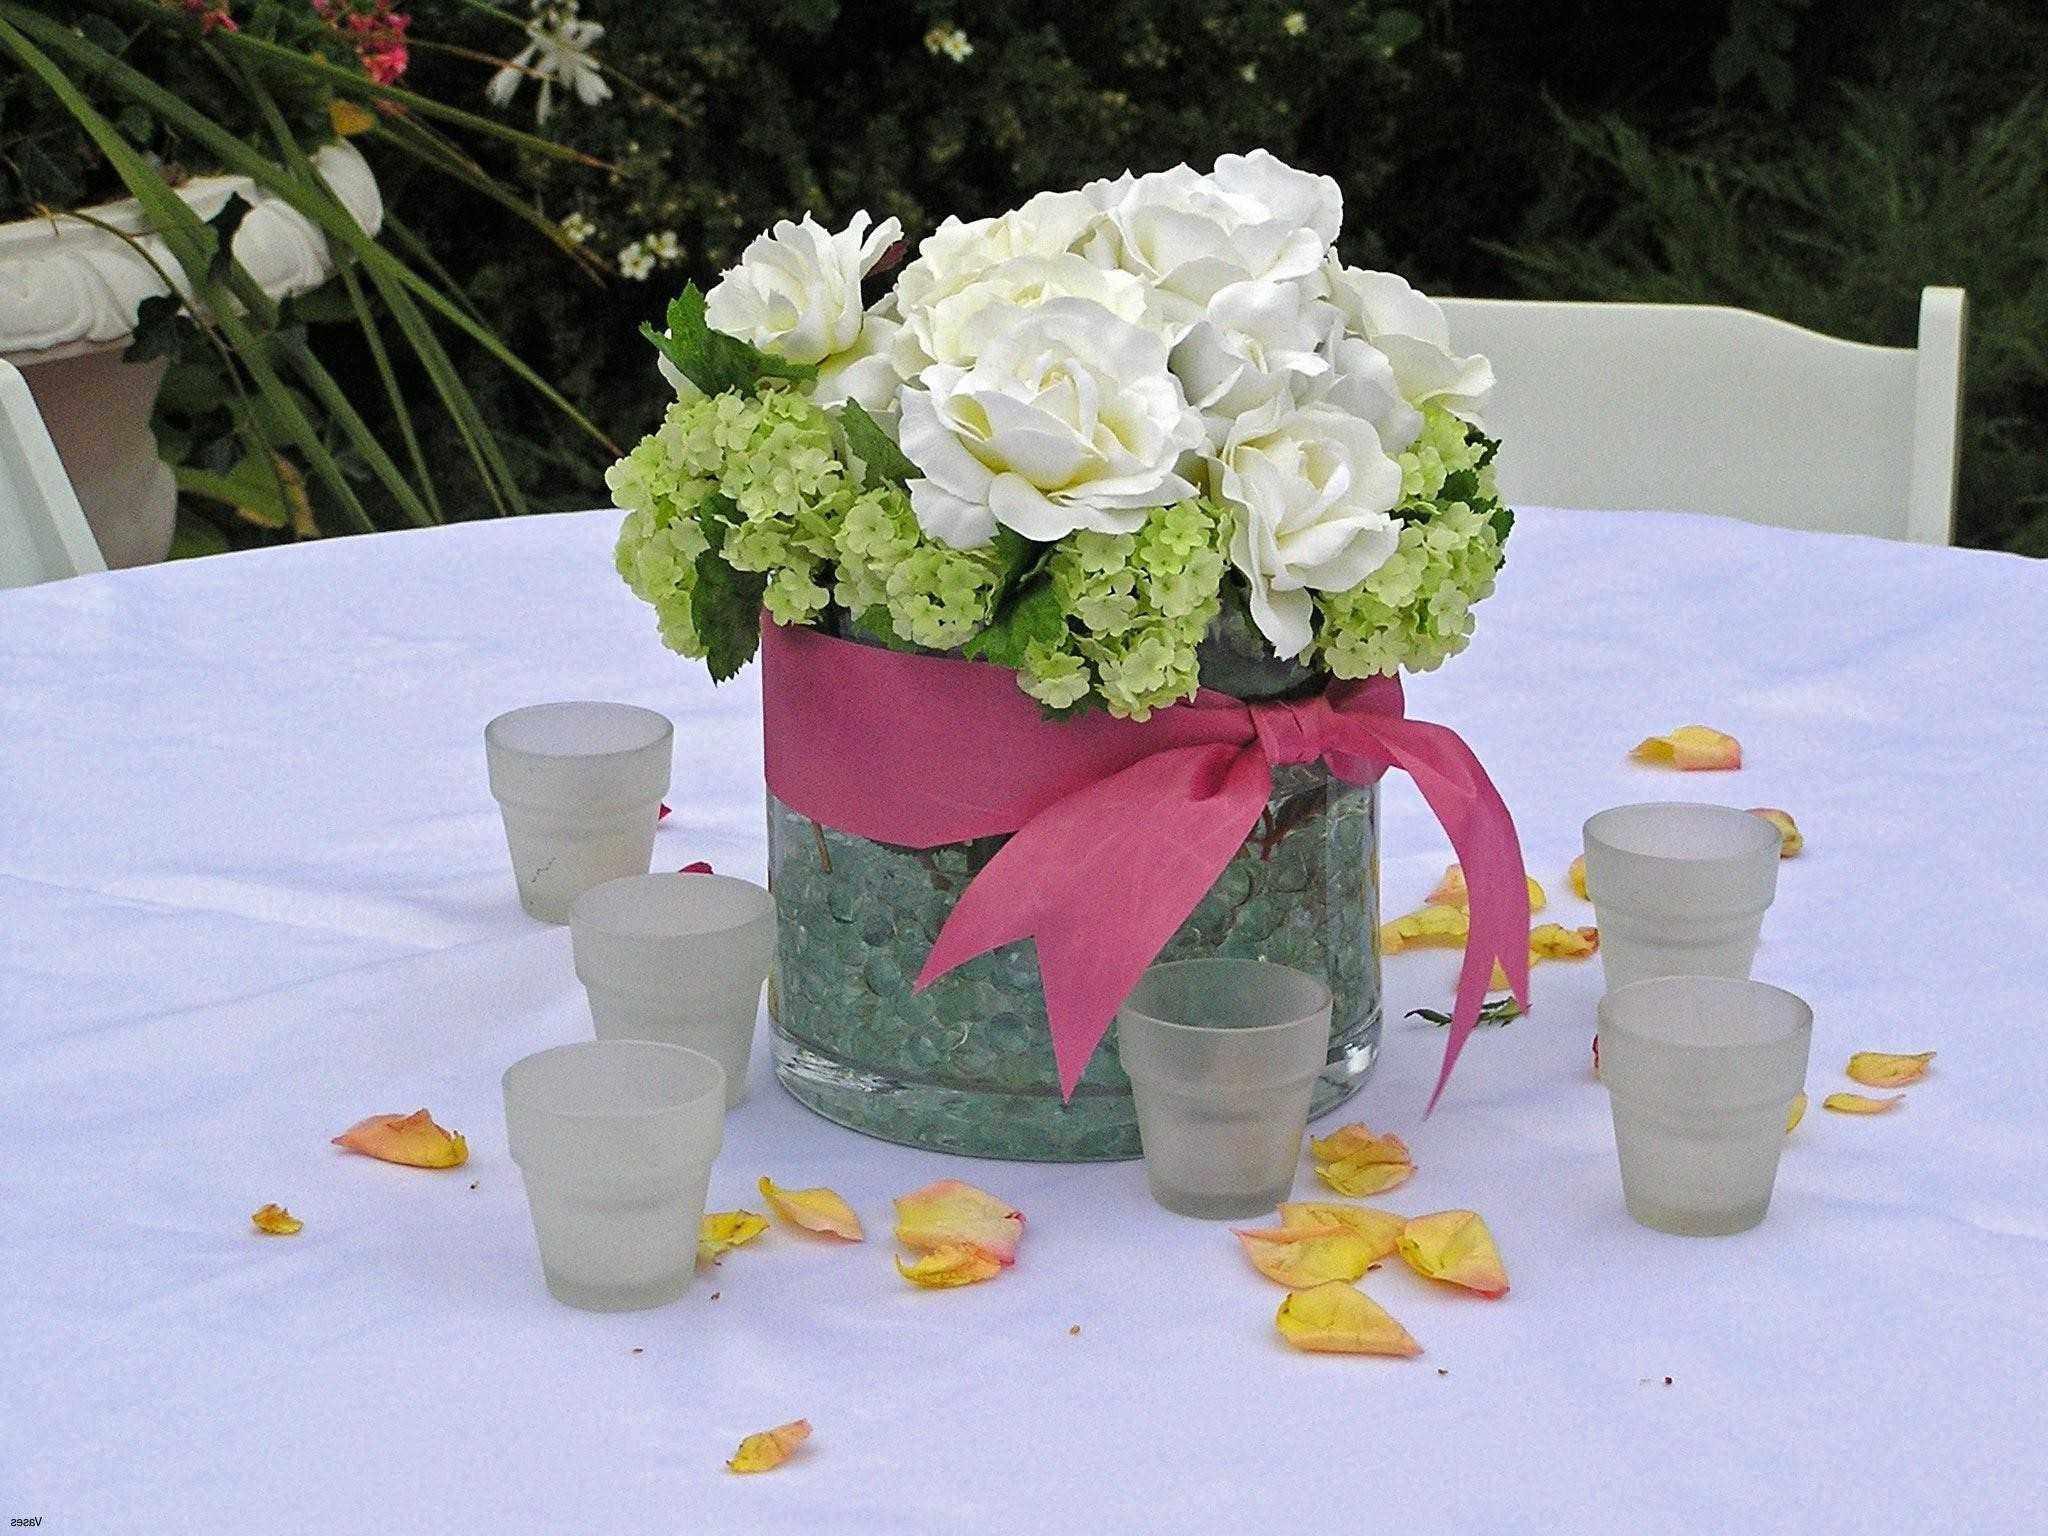 bulk glass vases for wedding of bulk wedding flowers beautiful living room awesome vases wedding intended for bulk wedding flowers beautiful living room awesome vases wedding best cheap glass vases 1h